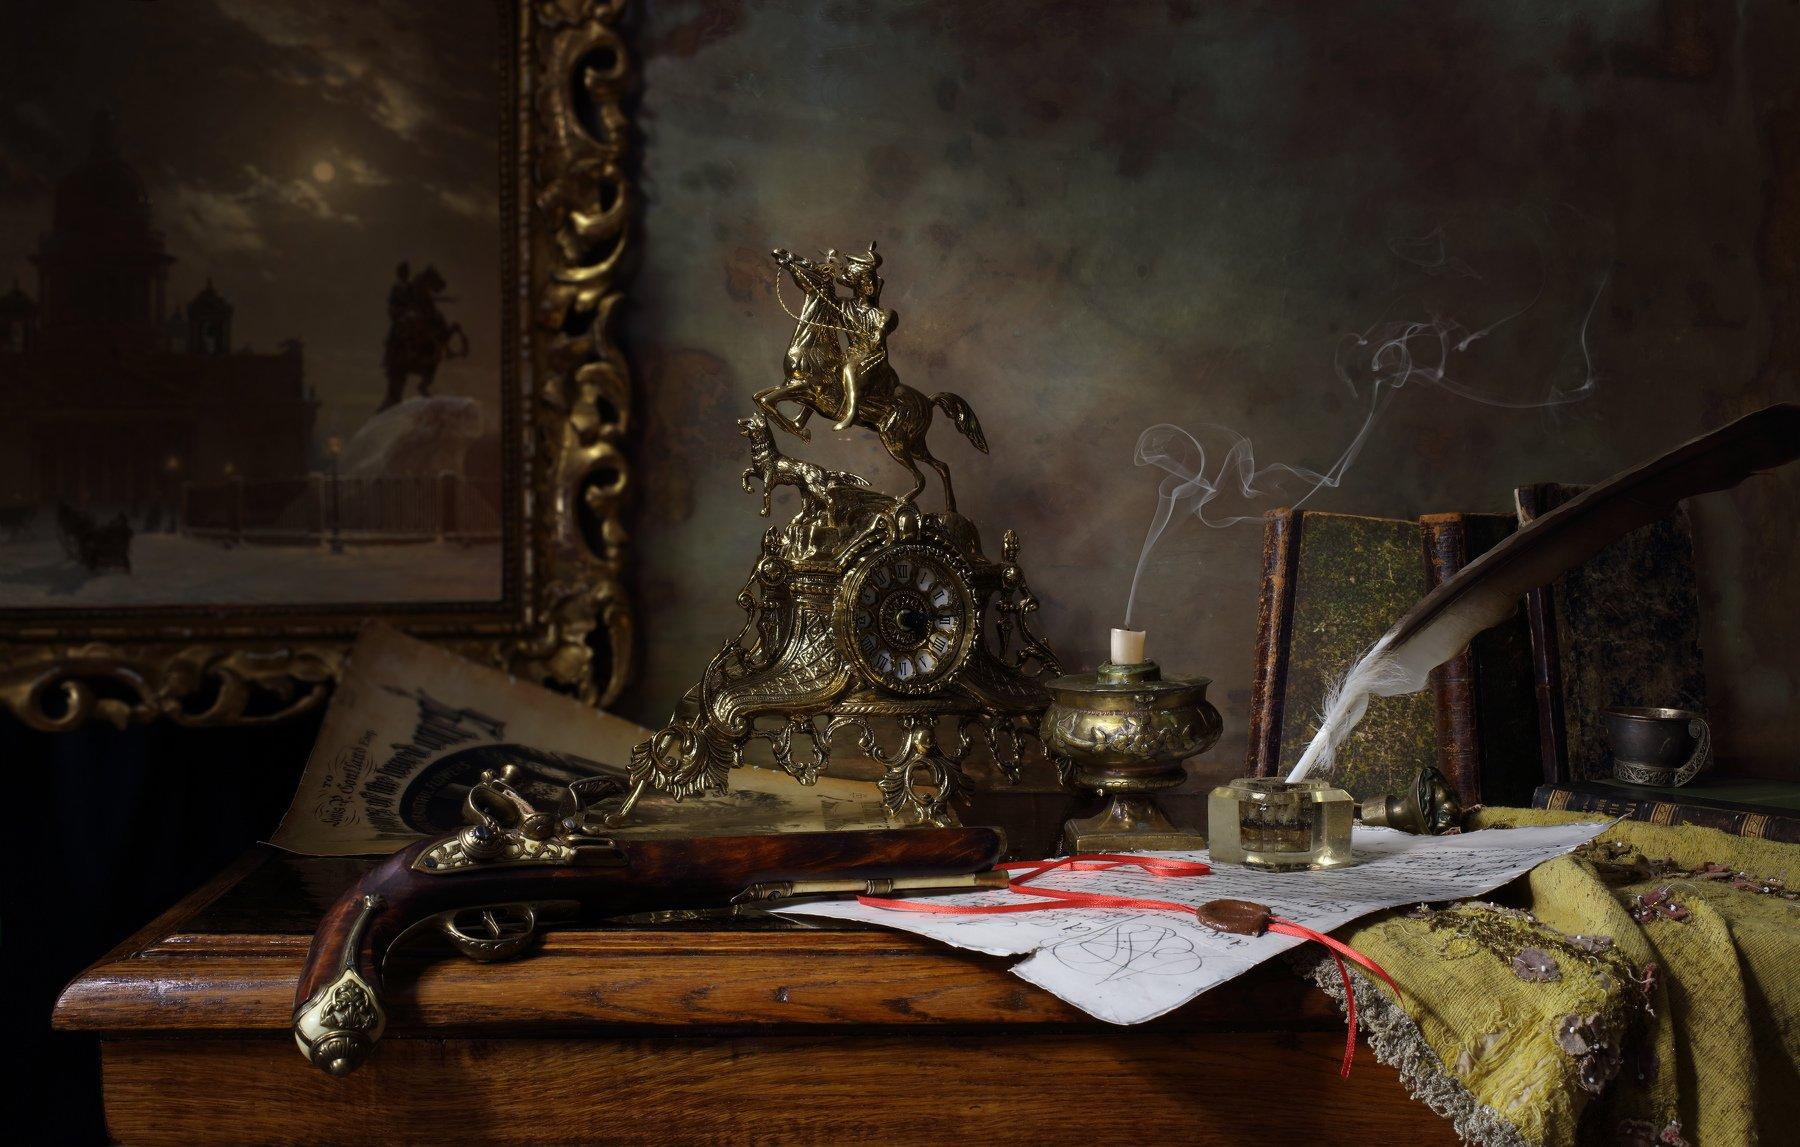 Пушкин, часы, книги, пистолет, свеча, рукопись, картина, Андрей Морозов